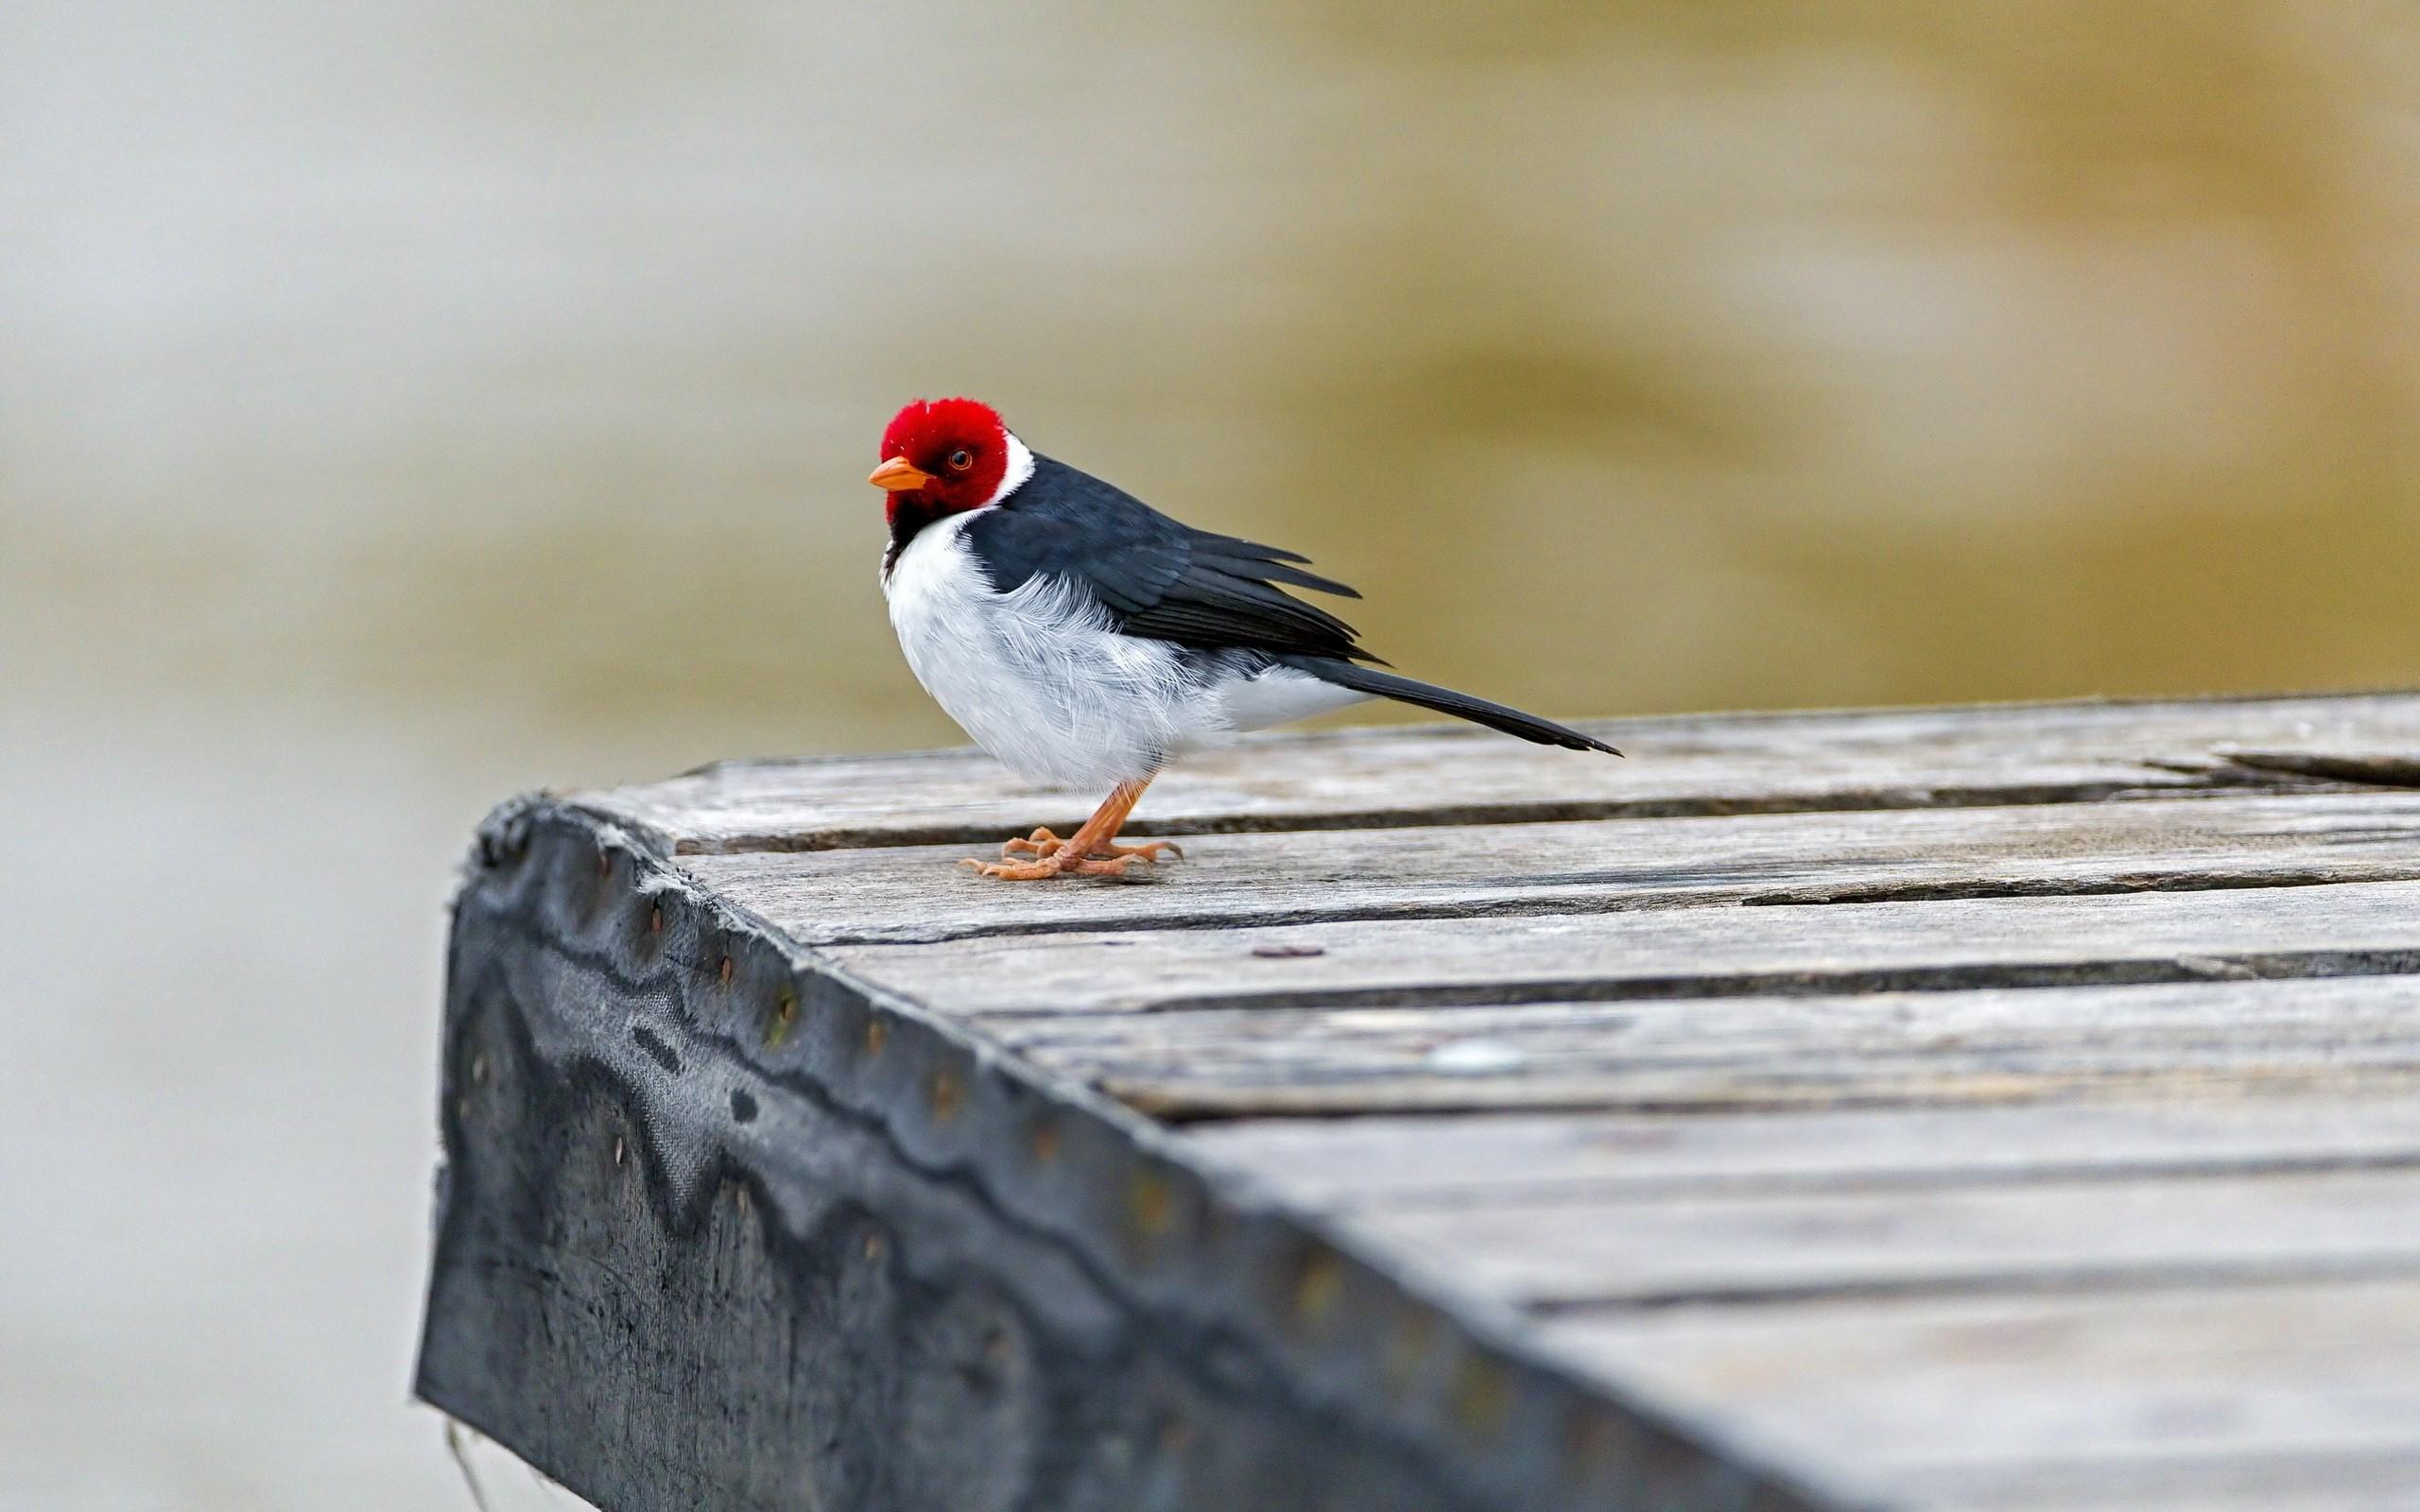 red capped cardinal bird